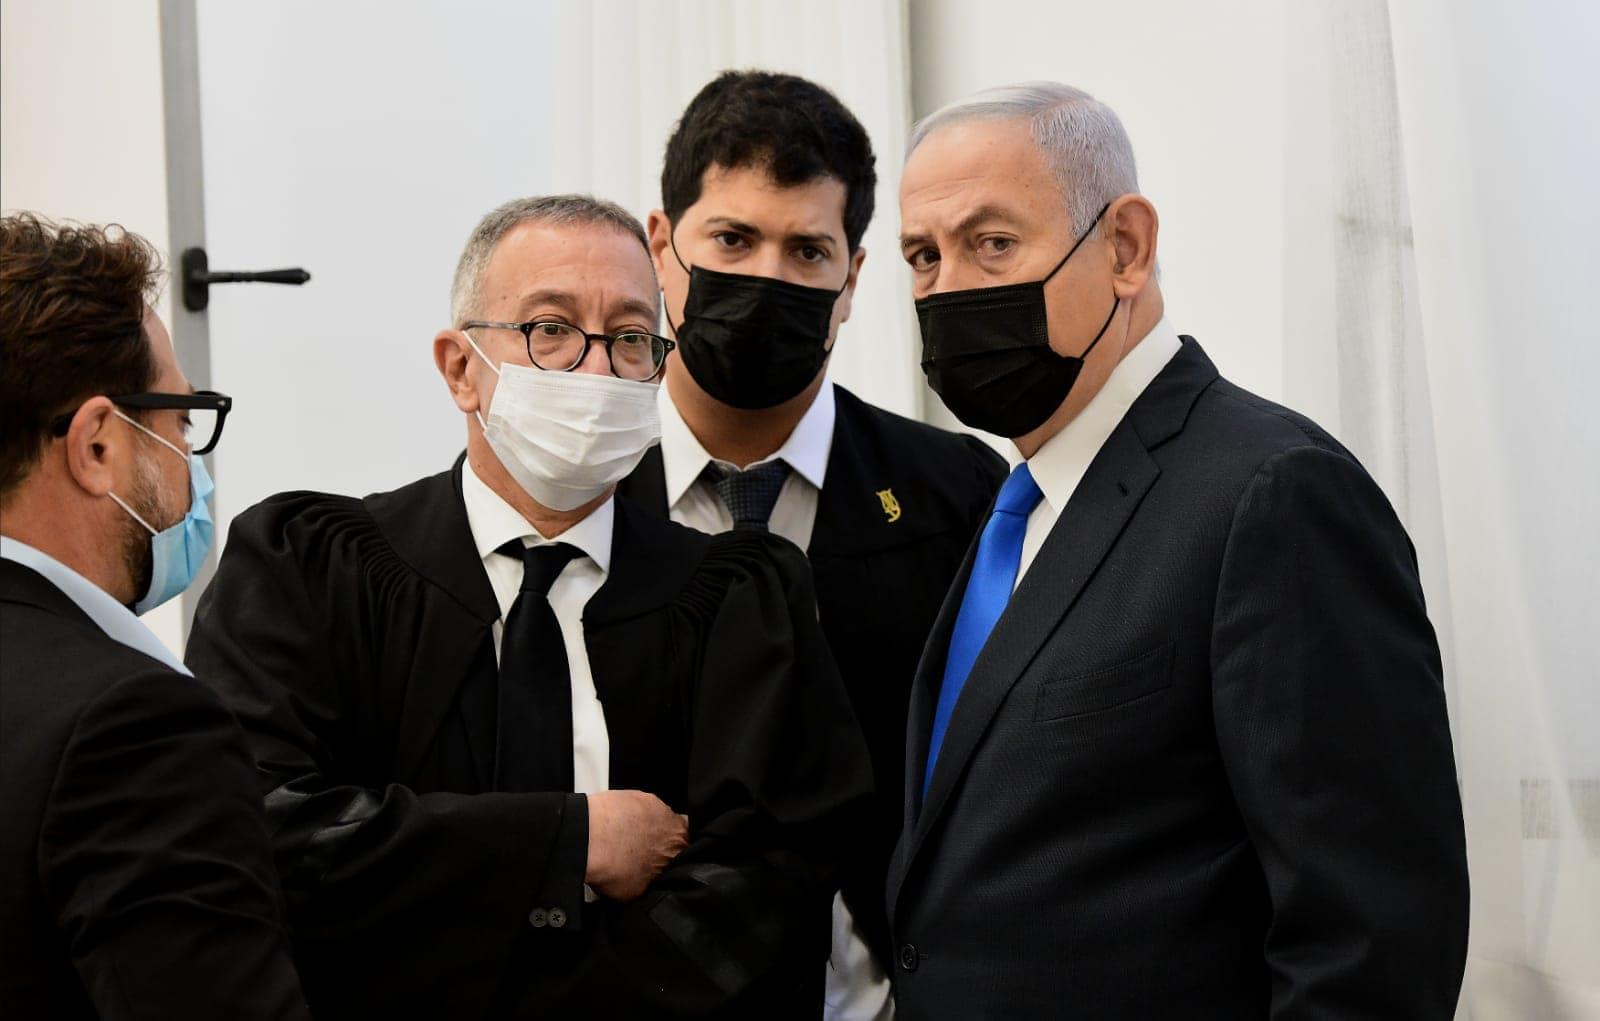 בנימין נתניהו ופרקליטיו עמית חדד ובעז בן צור בבית המשפט המחוזי בירושלים, 8 בפברואר 2021 (צילום: ראובן קסטרו/פול)